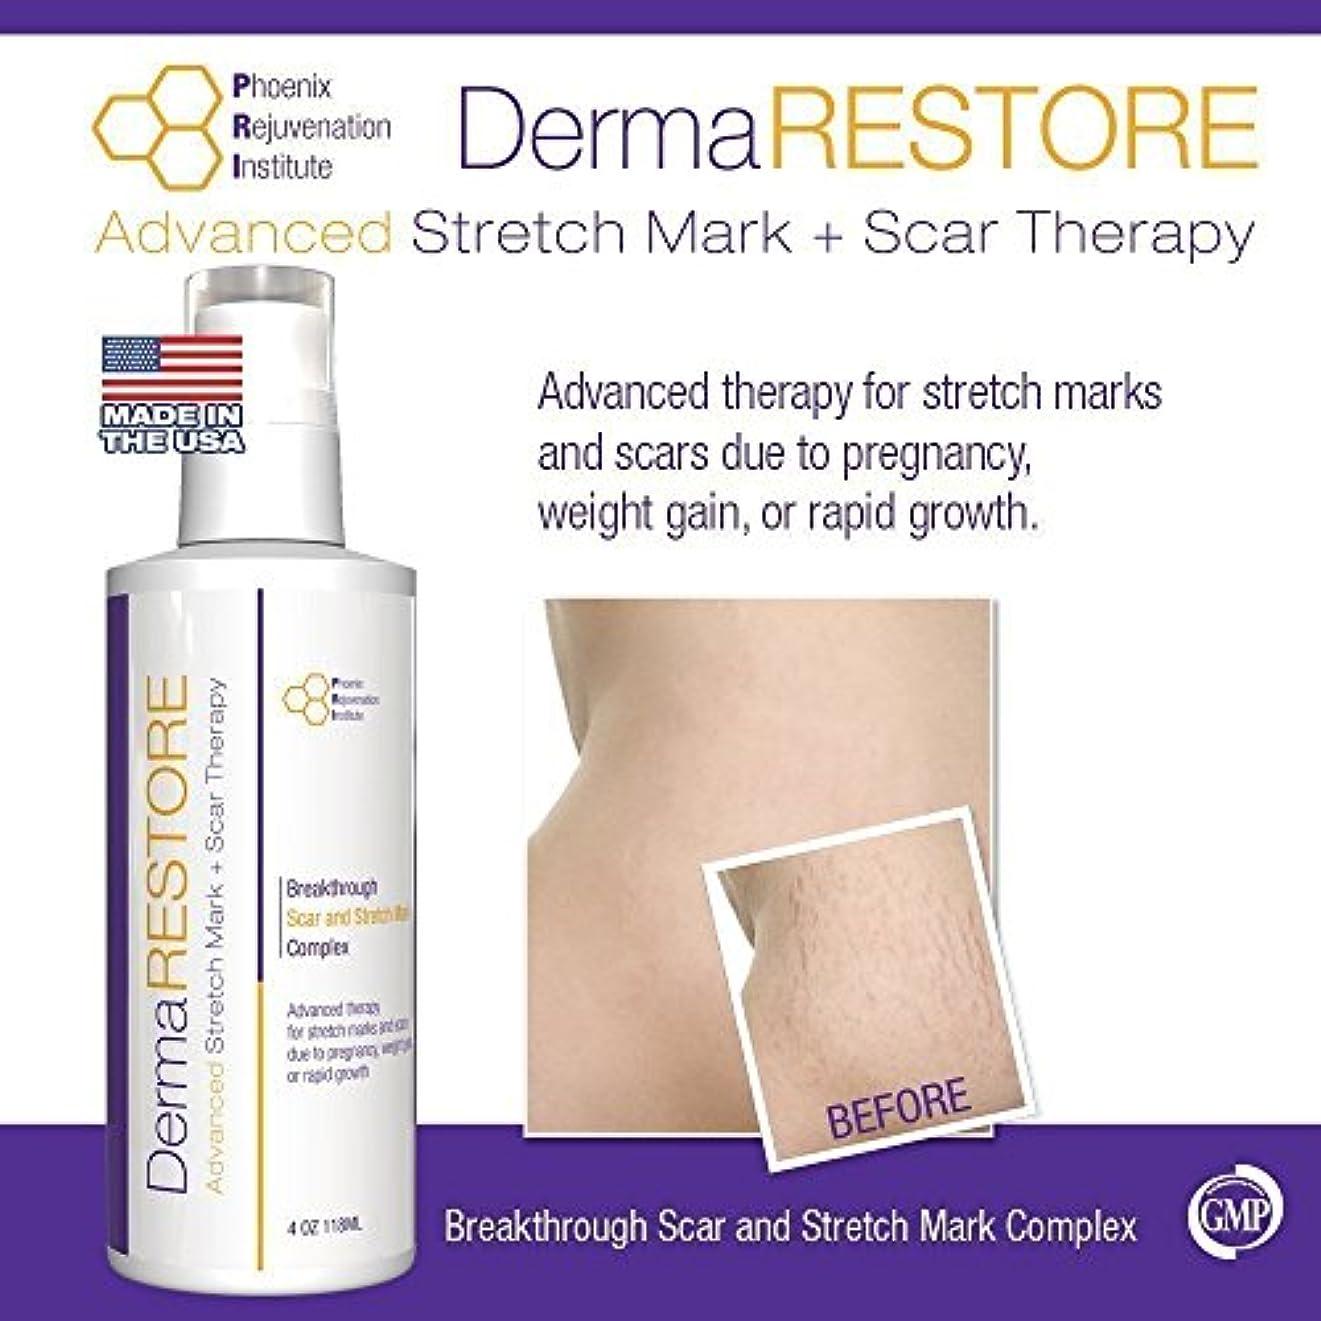 専門用語完璧な口ひげストレッチマーククリーム 118ml DermaRESTORE - Stretch Mark and Scar Treatment4oz 【並行輸入品】